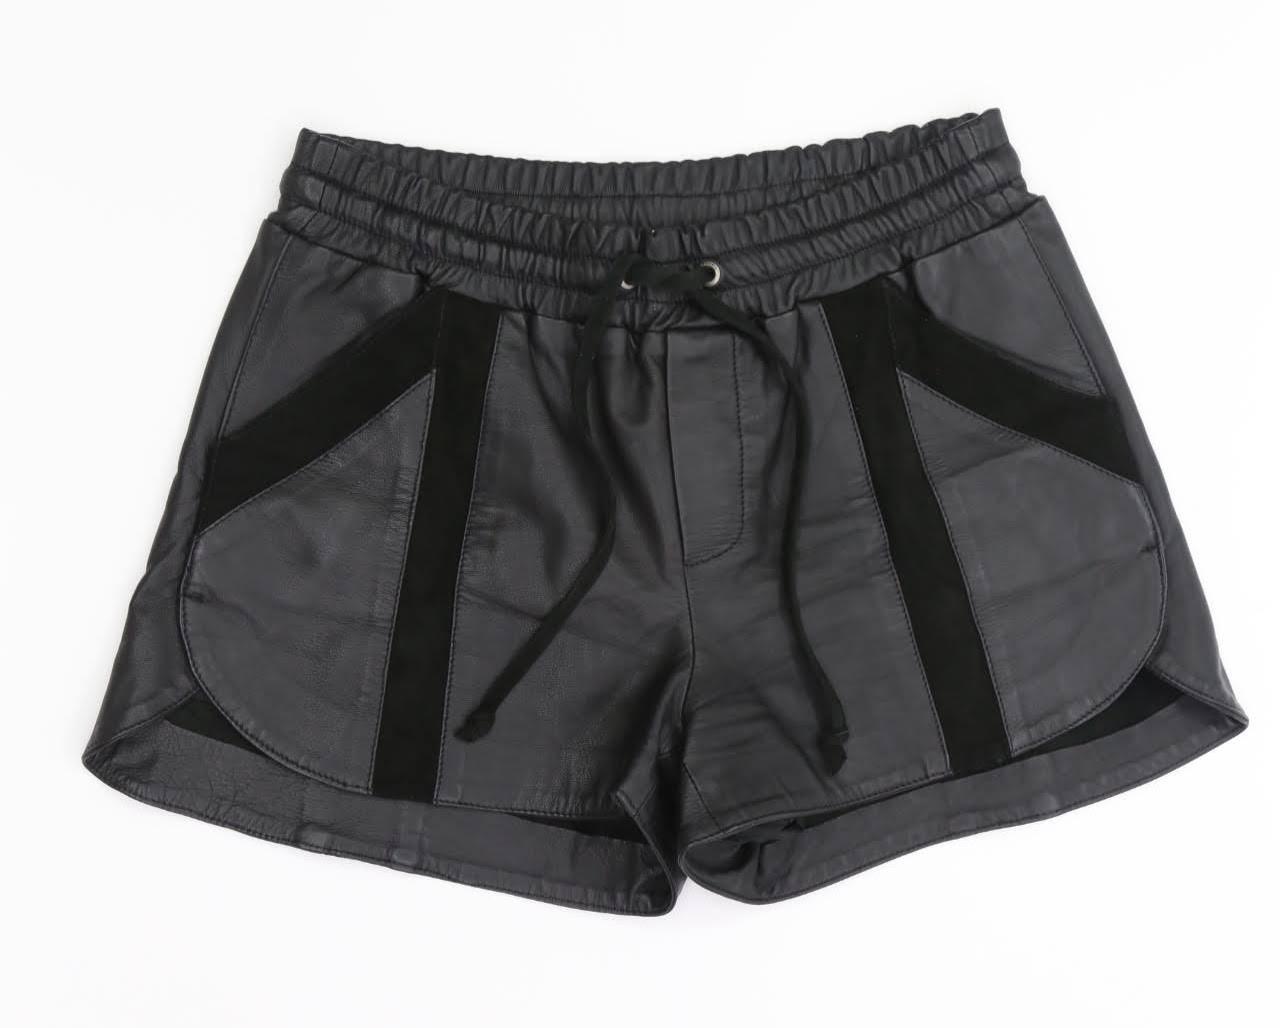 Shorts Couro - Cris Barros - 34